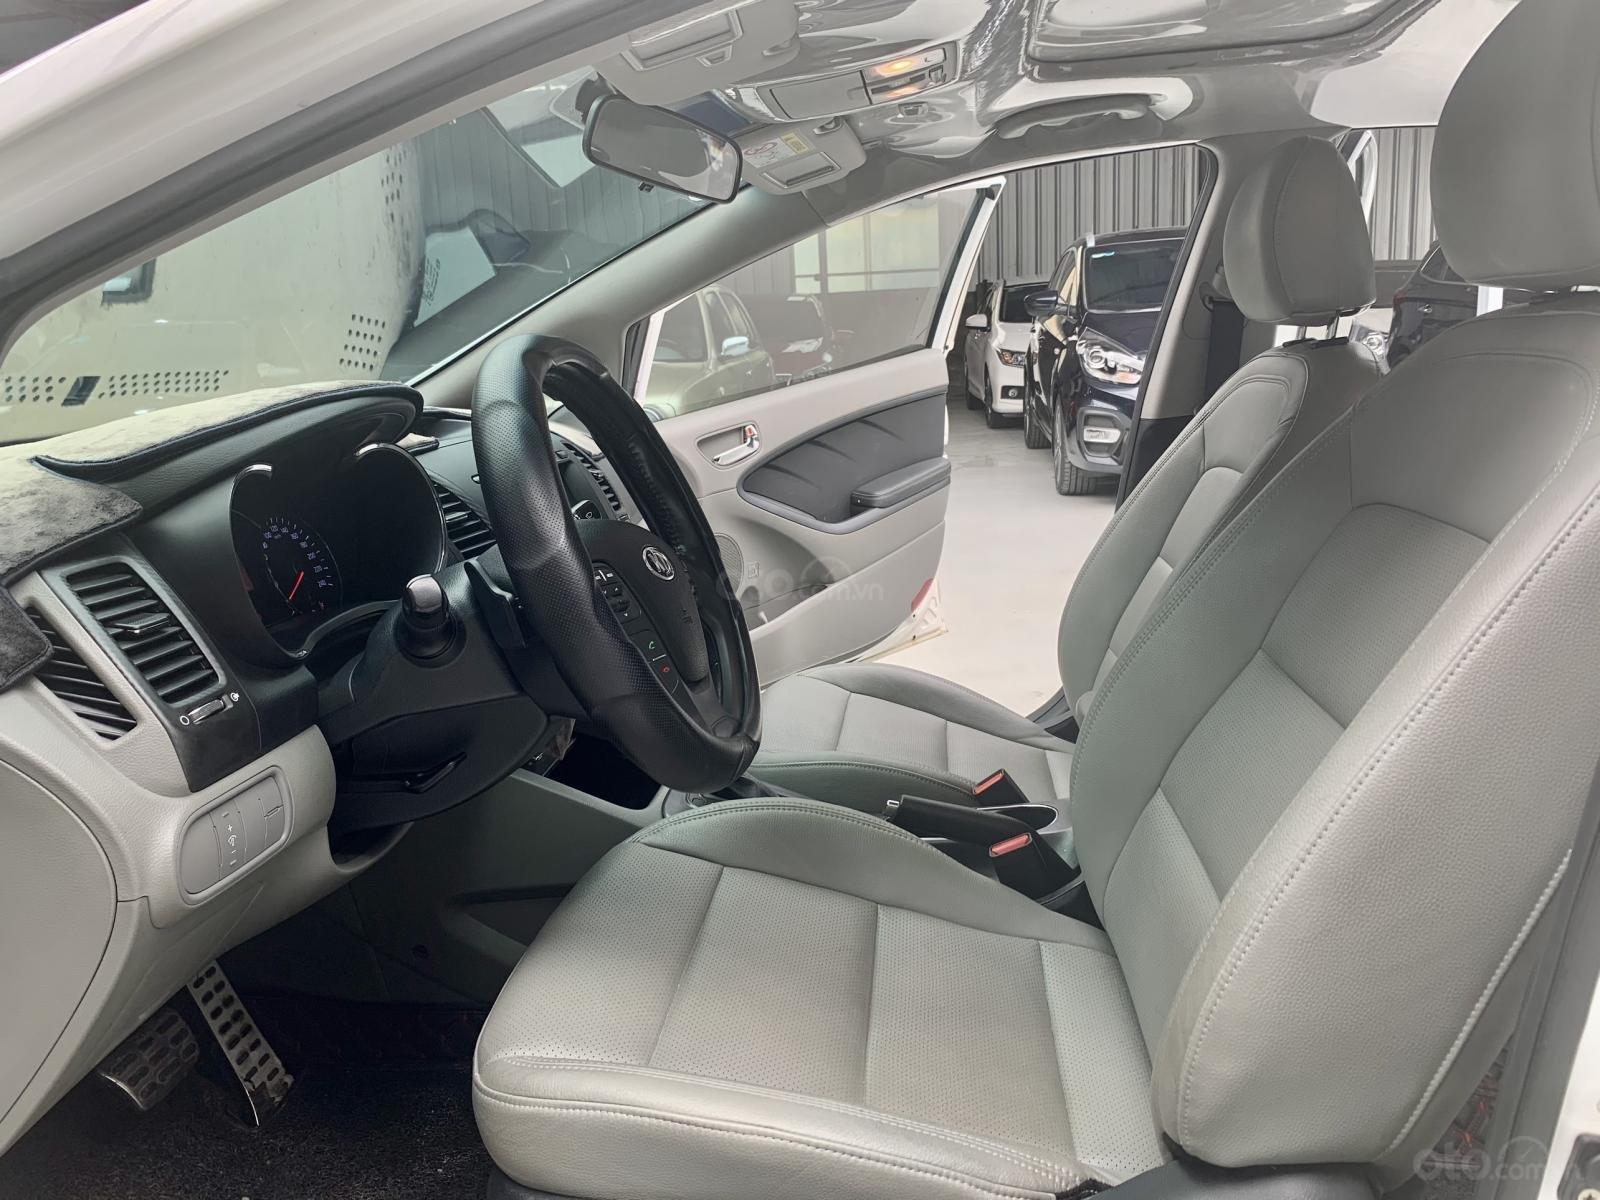 Chính chủ bán Kia K3 1.6AT sx 2016 tự động biển sài Gòn, không dịch vụ xe cực đẹp bao test tại hãng (6)